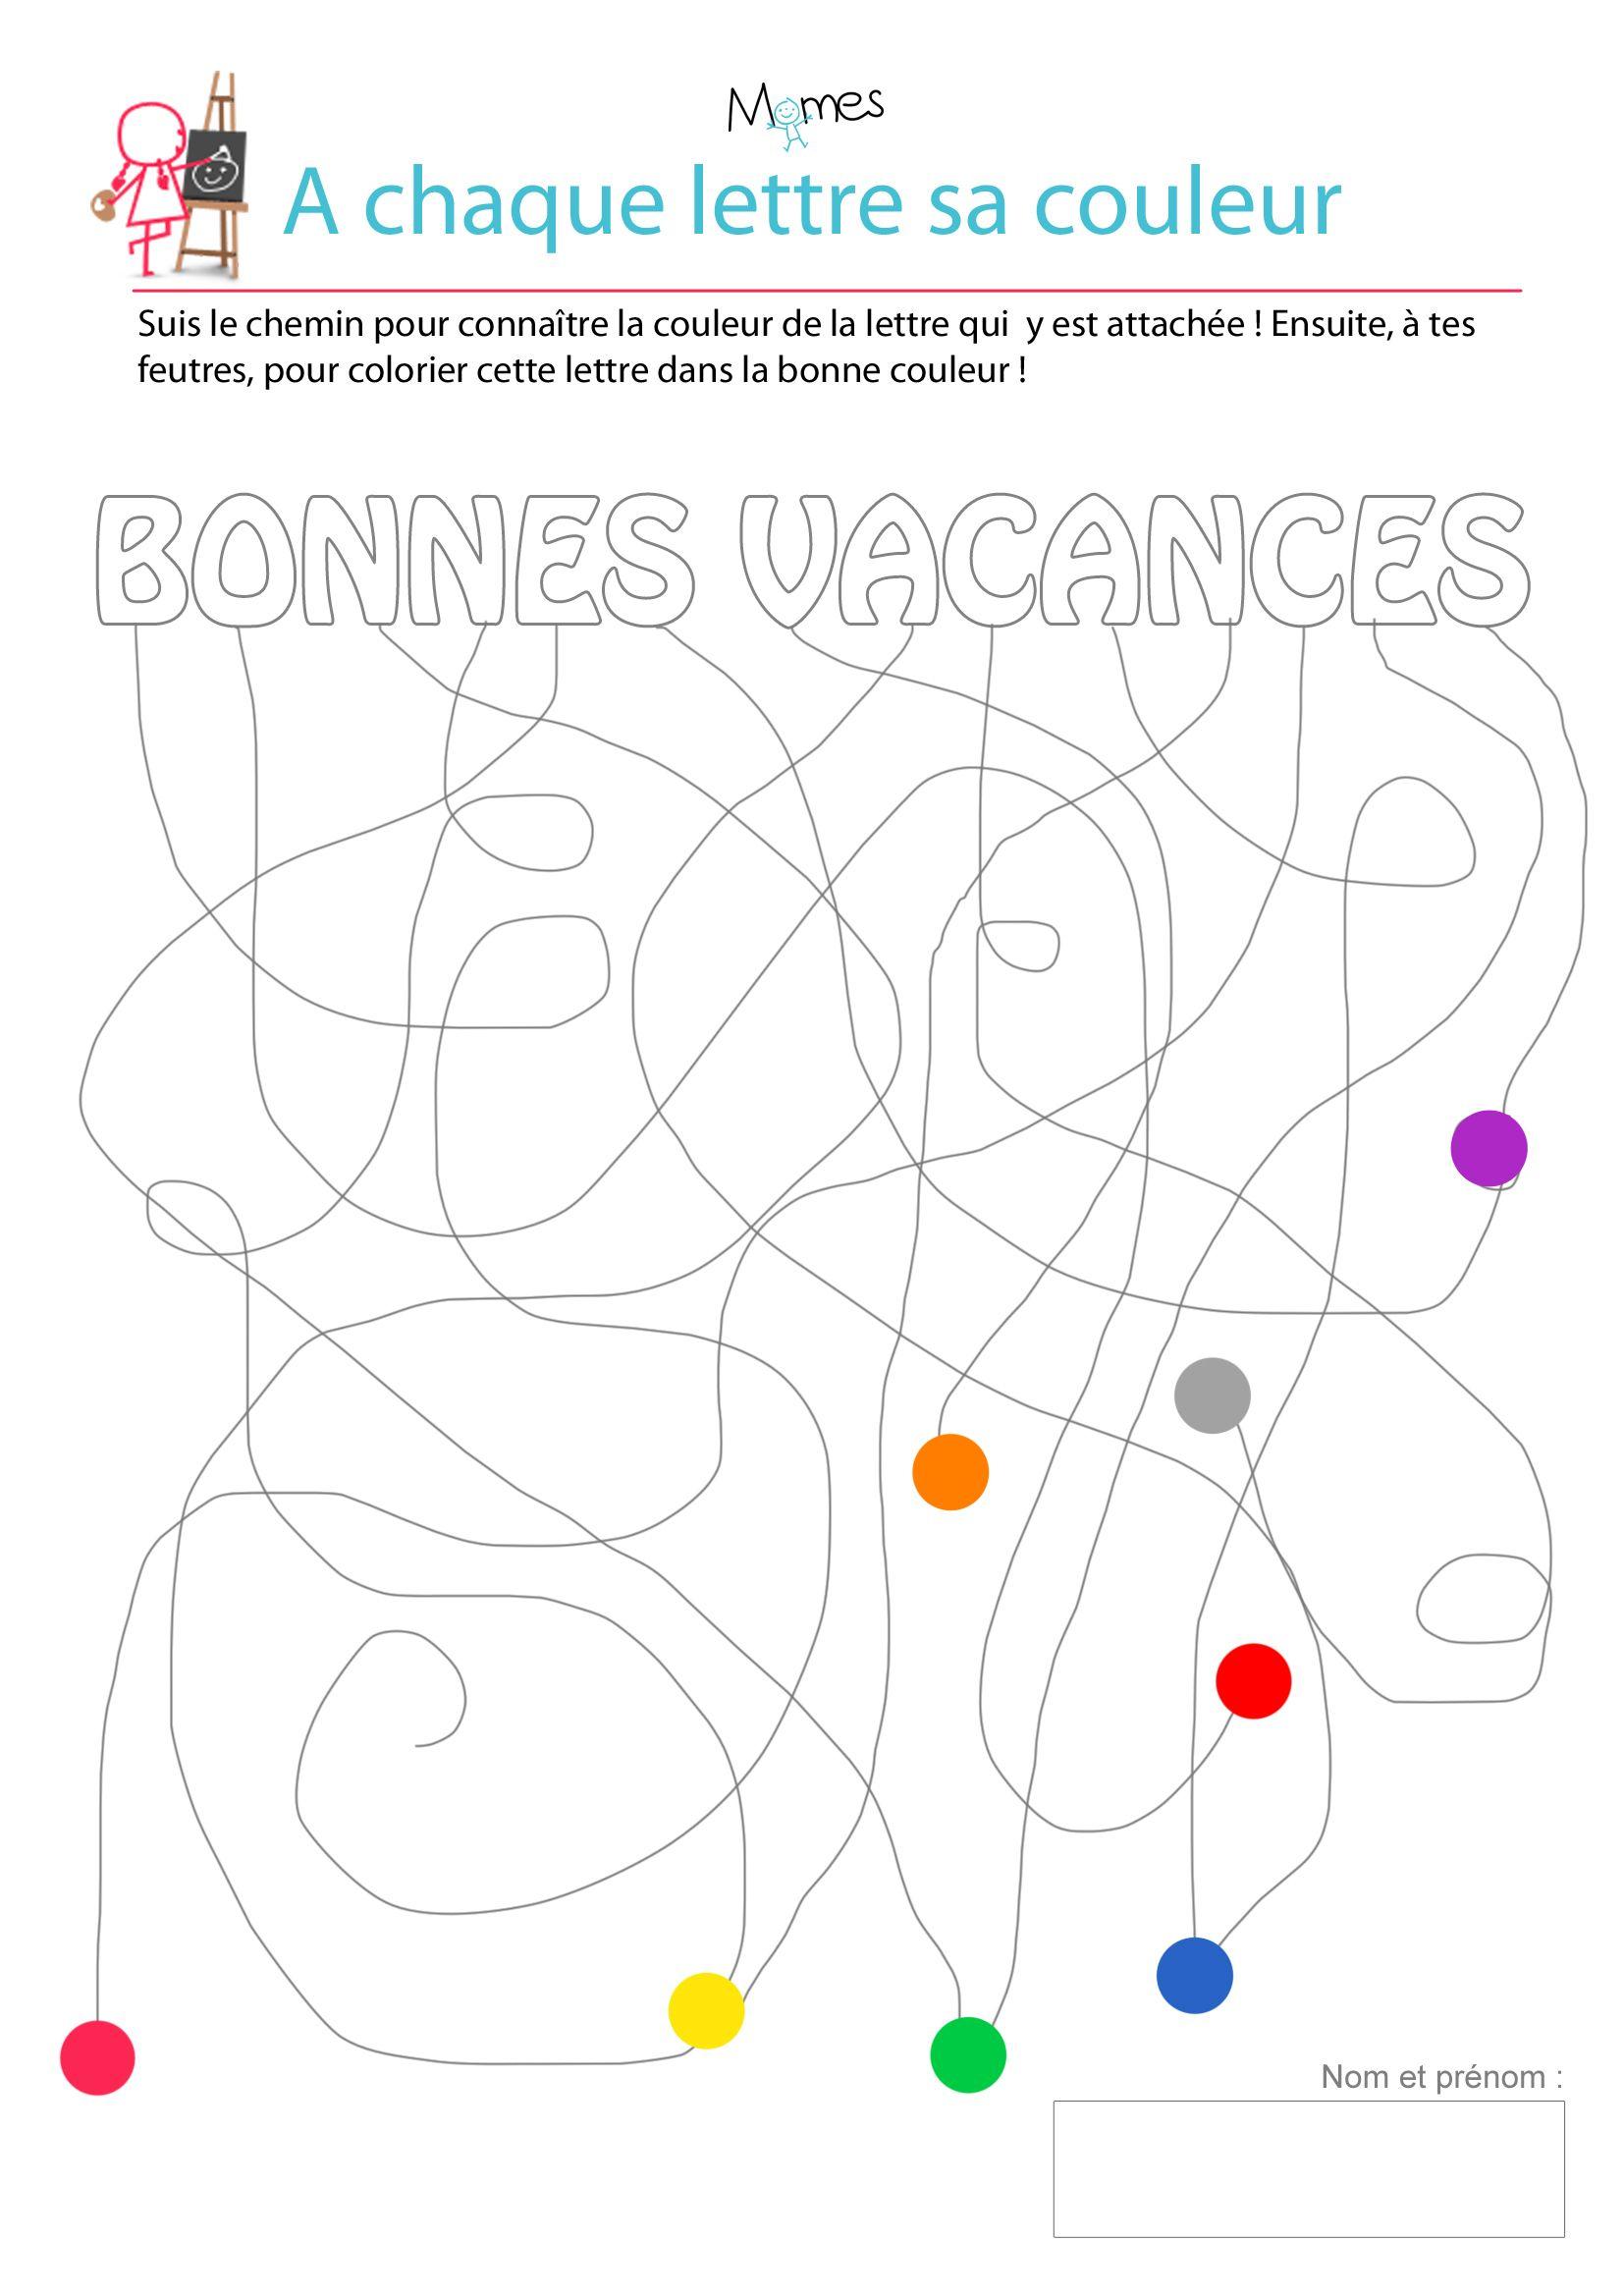 Le Circuit Des Vacances - Exercice De Graphisme | Jeux A destiné Graphisme Maternelle A Imprimer Gratuit